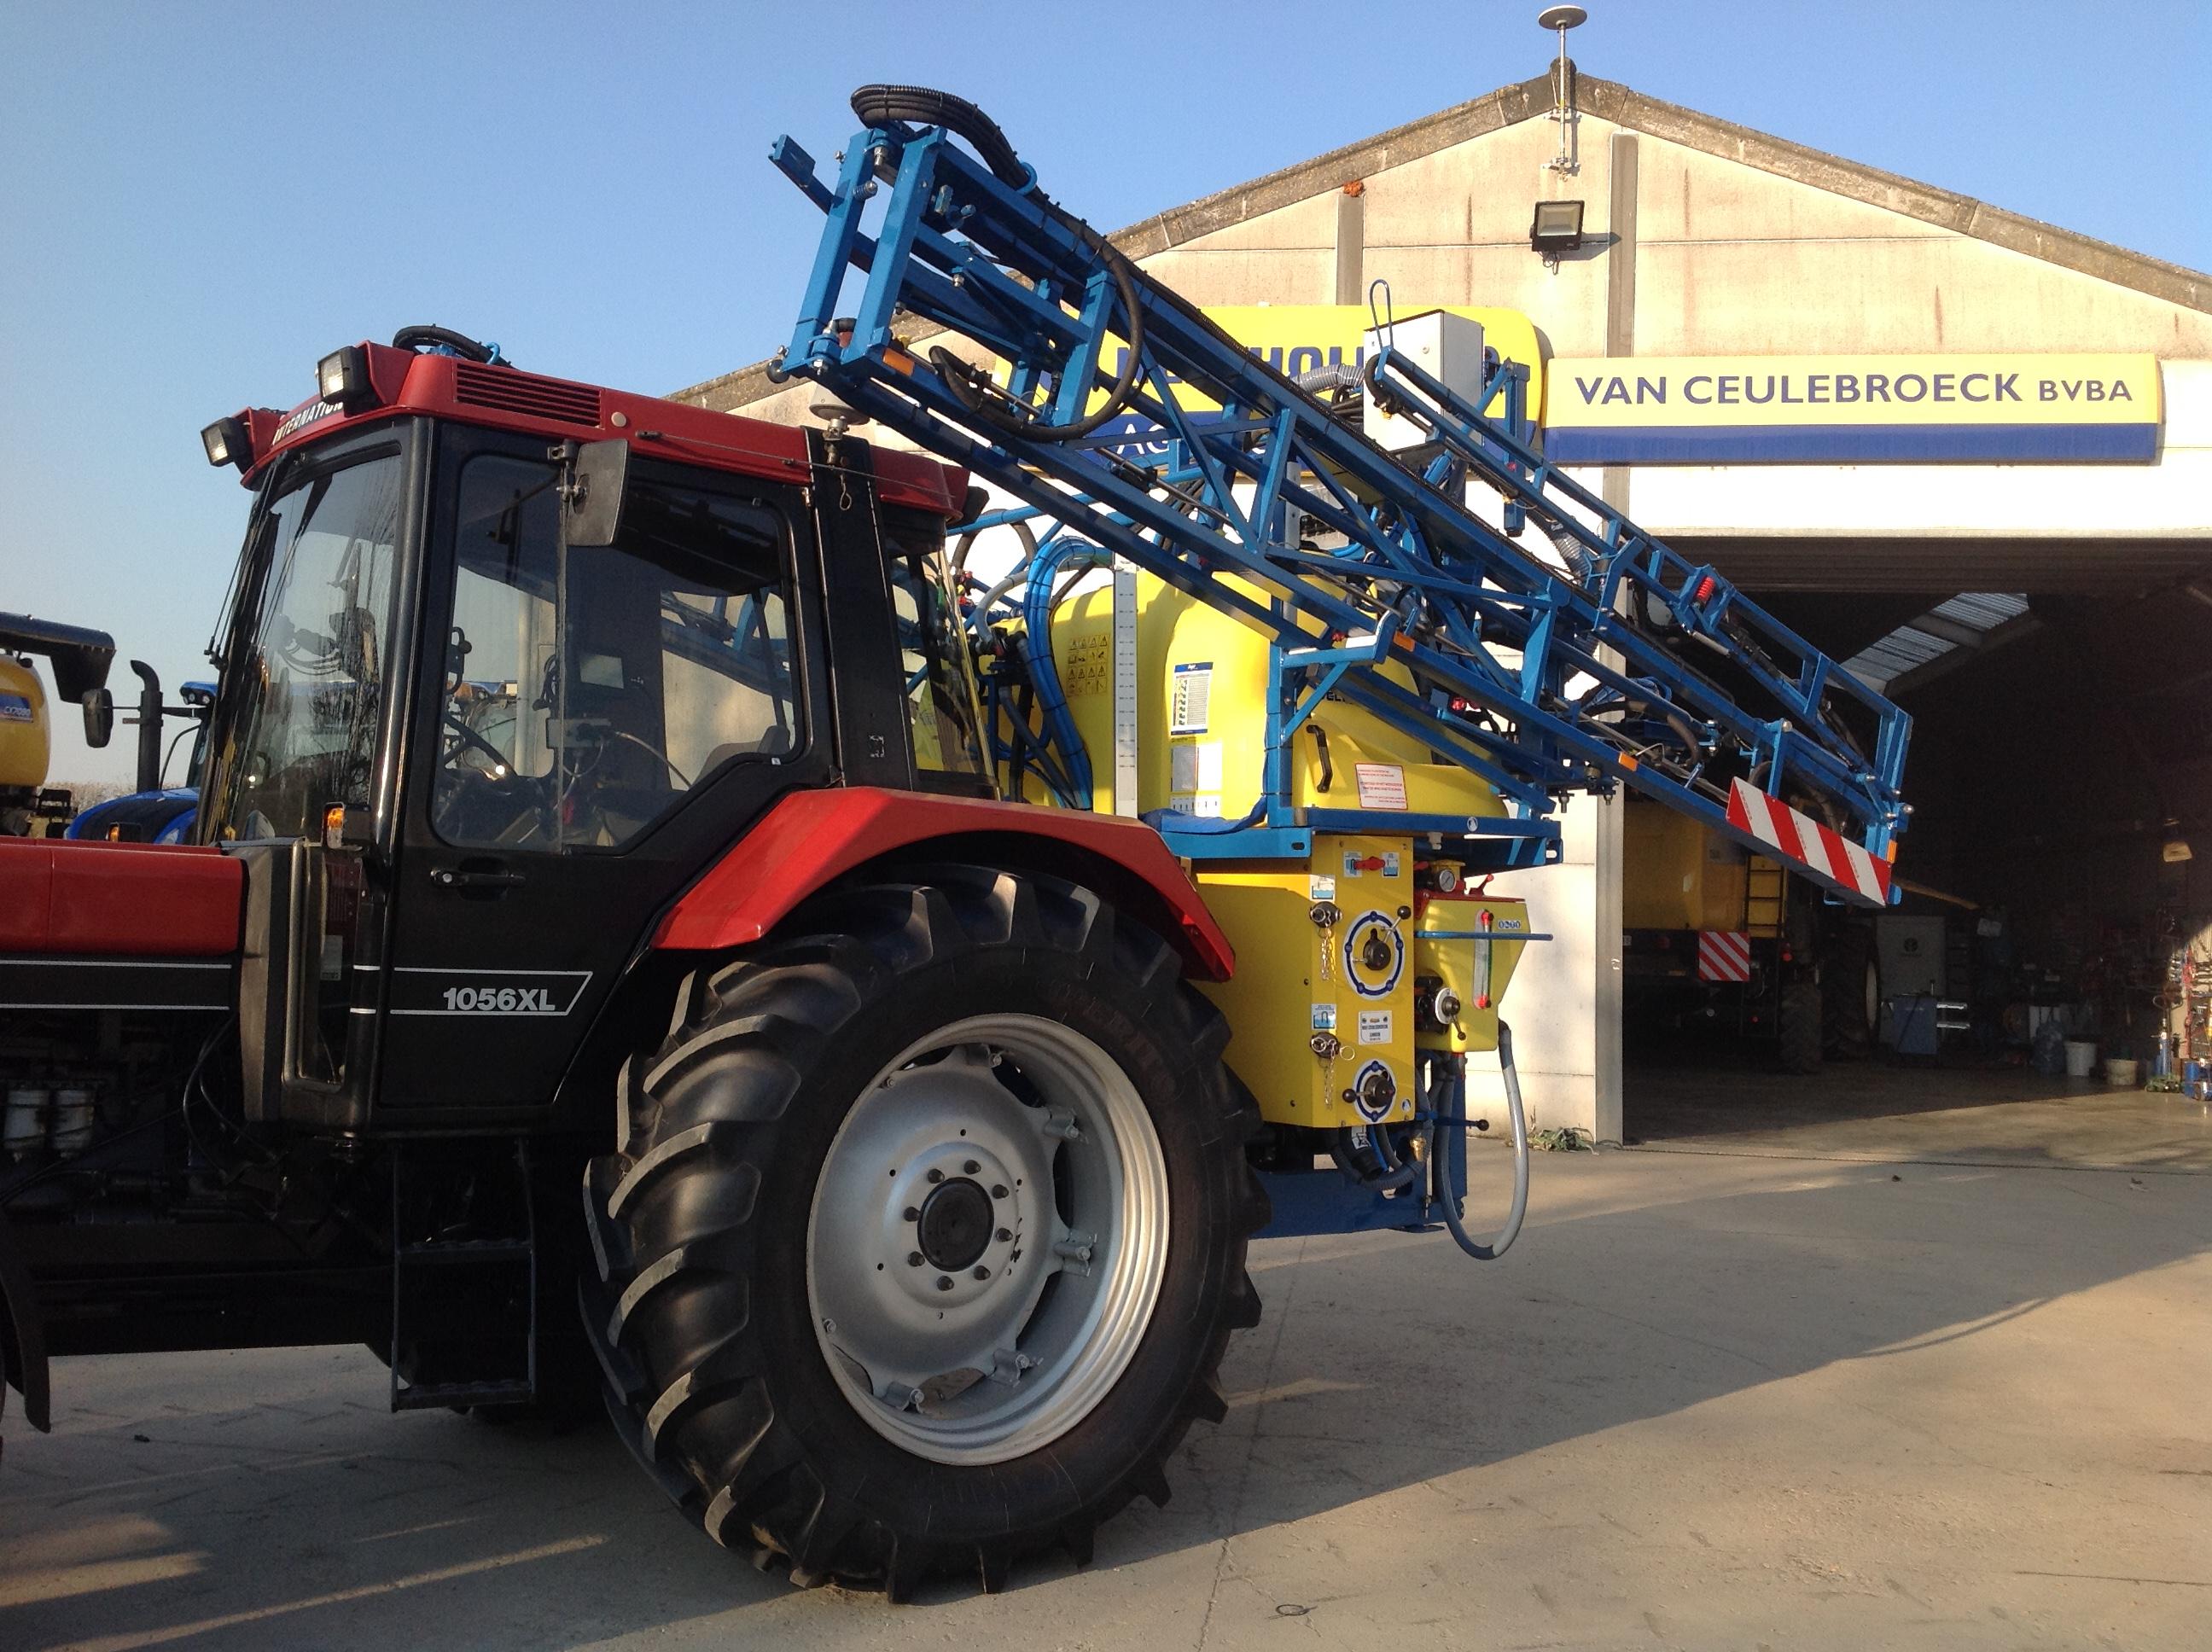 Delvano EAK 7 landbouwspuit afgeleverd